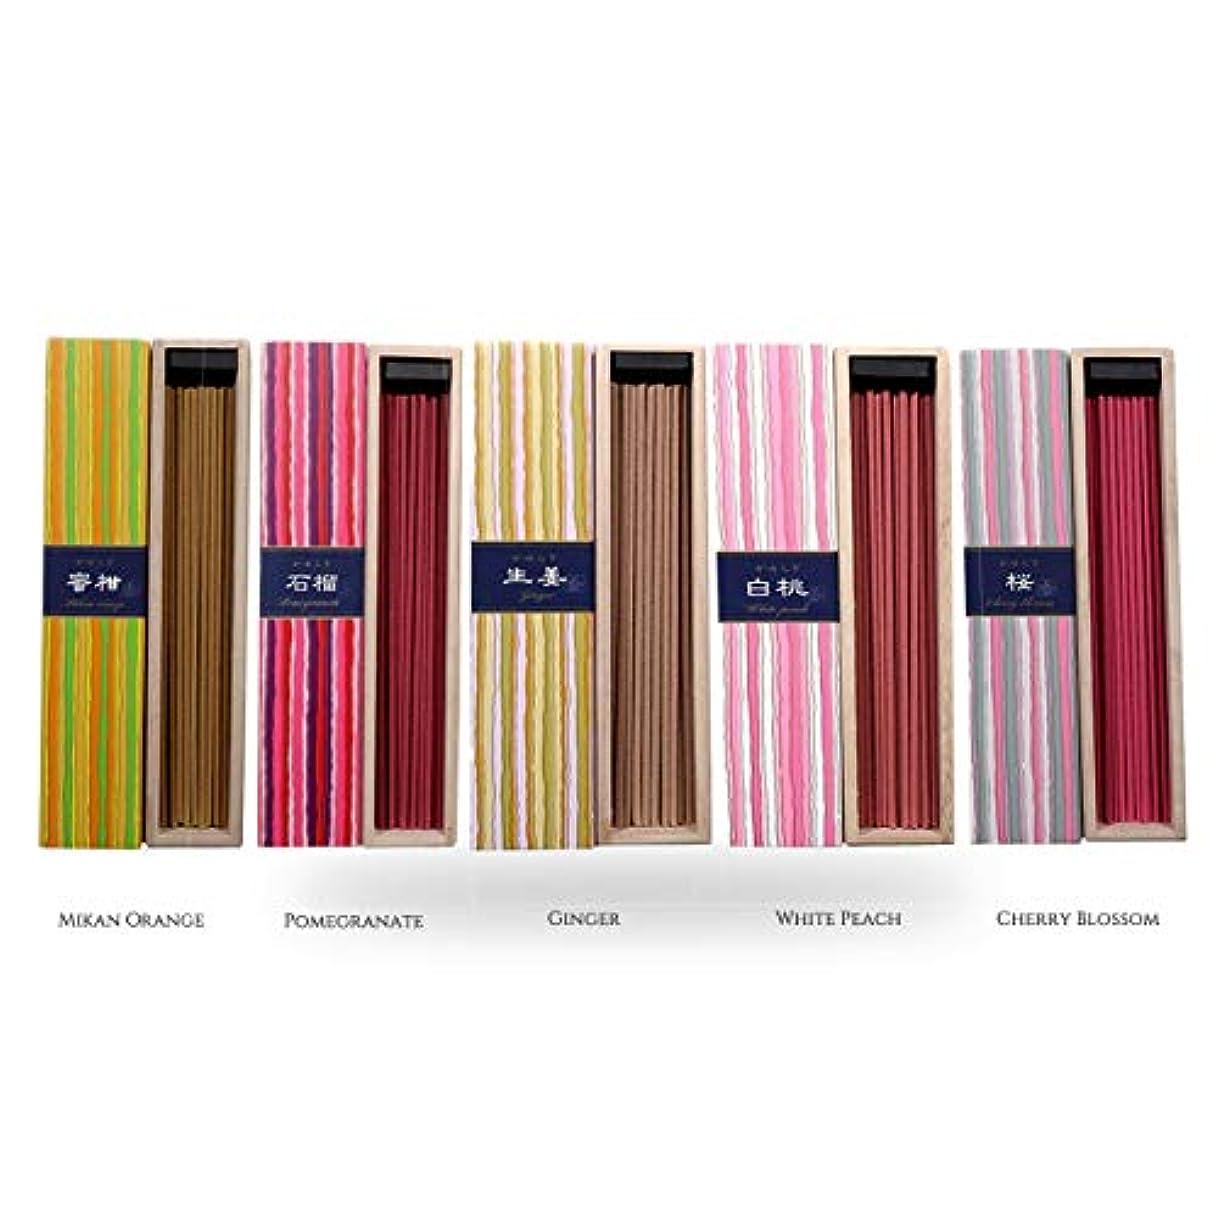 かわす貫通するマーチャンダイジングiTakara 日本香コレクション   日本の庭 40x5   リラックス、瞑想、祈り、読書、ヨガ用フローラルとアロマの木の香り   クリーン燃焼、ピュアな香り